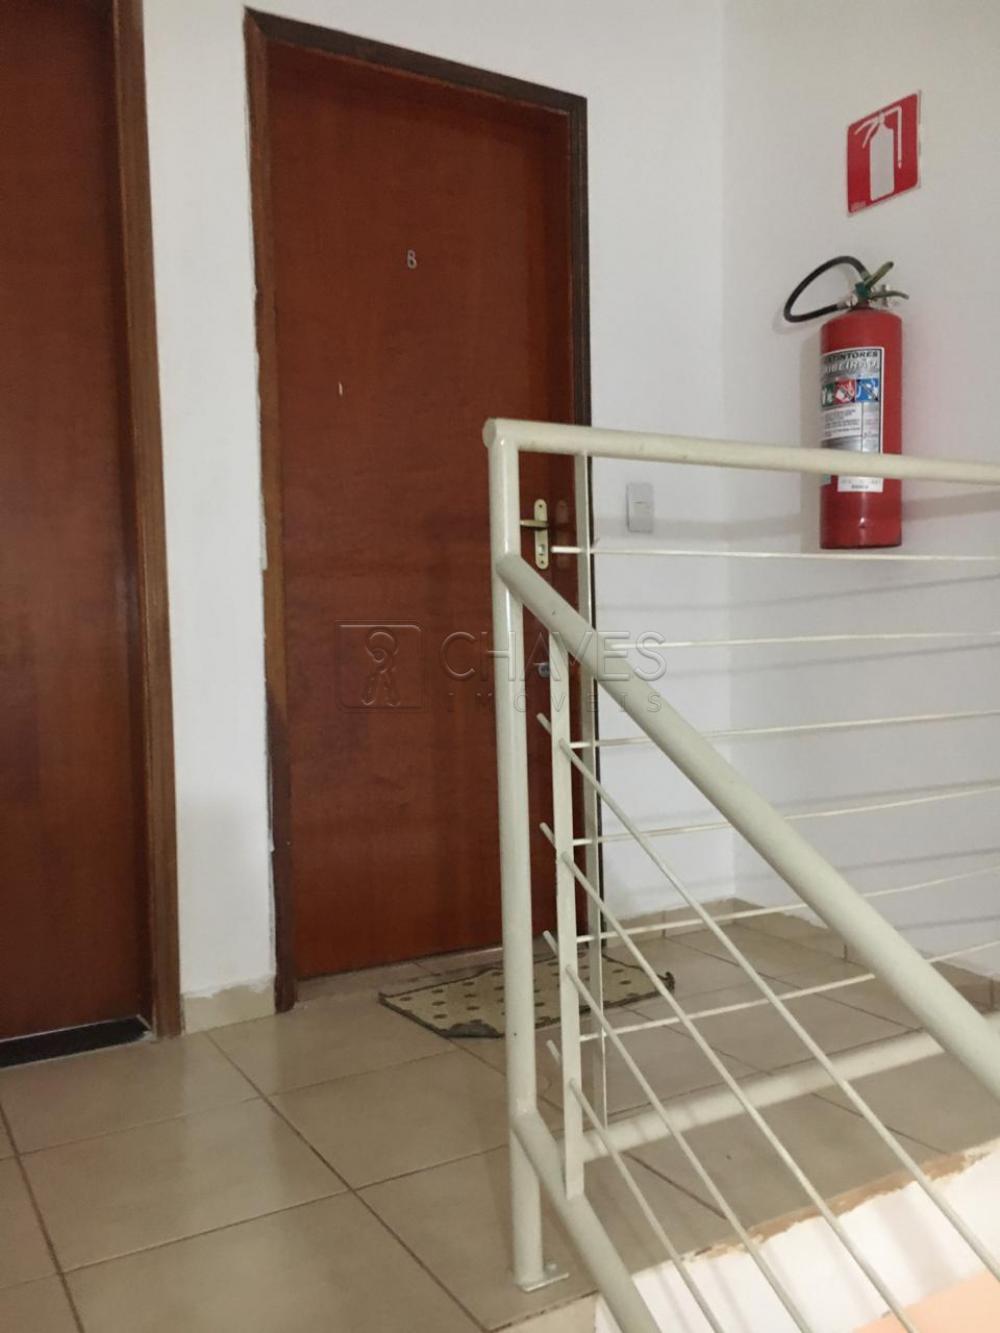 Comprar Apartamento / Padrão em Ribeirão Preto apenas R$ 160.000,00 - Foto 13